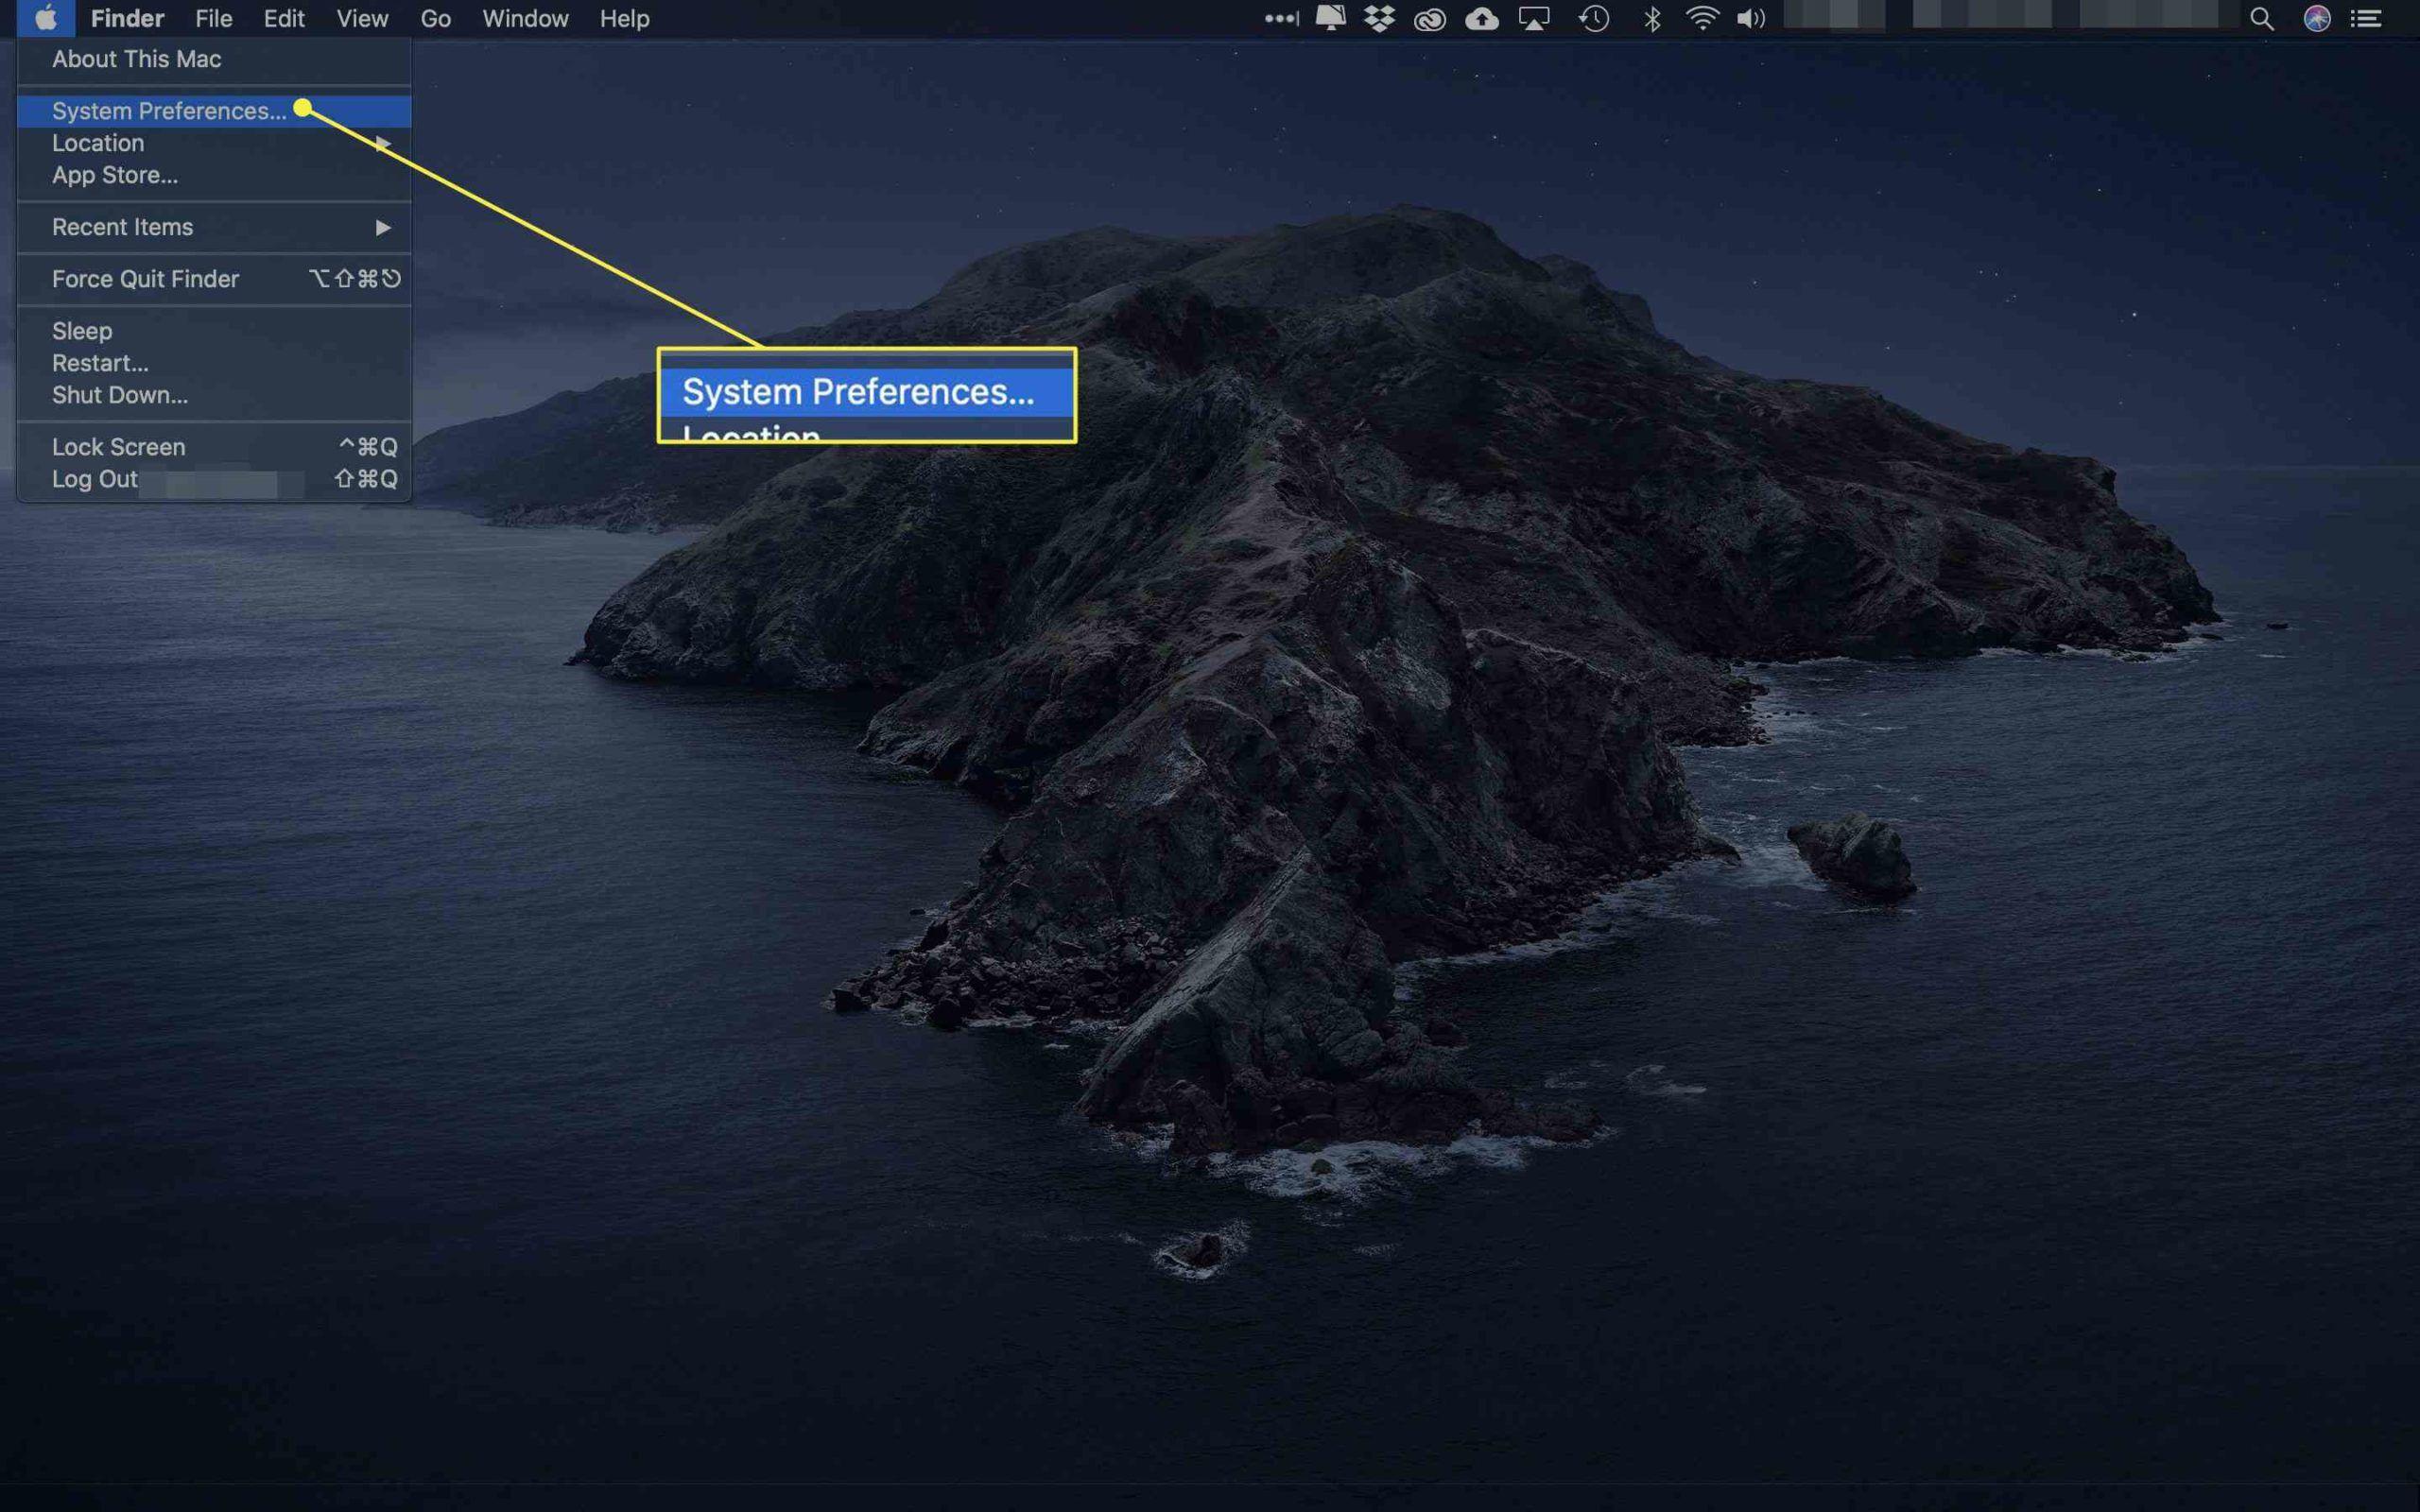 4. Cara Klik Kanan di Mac dan MacBook scaled